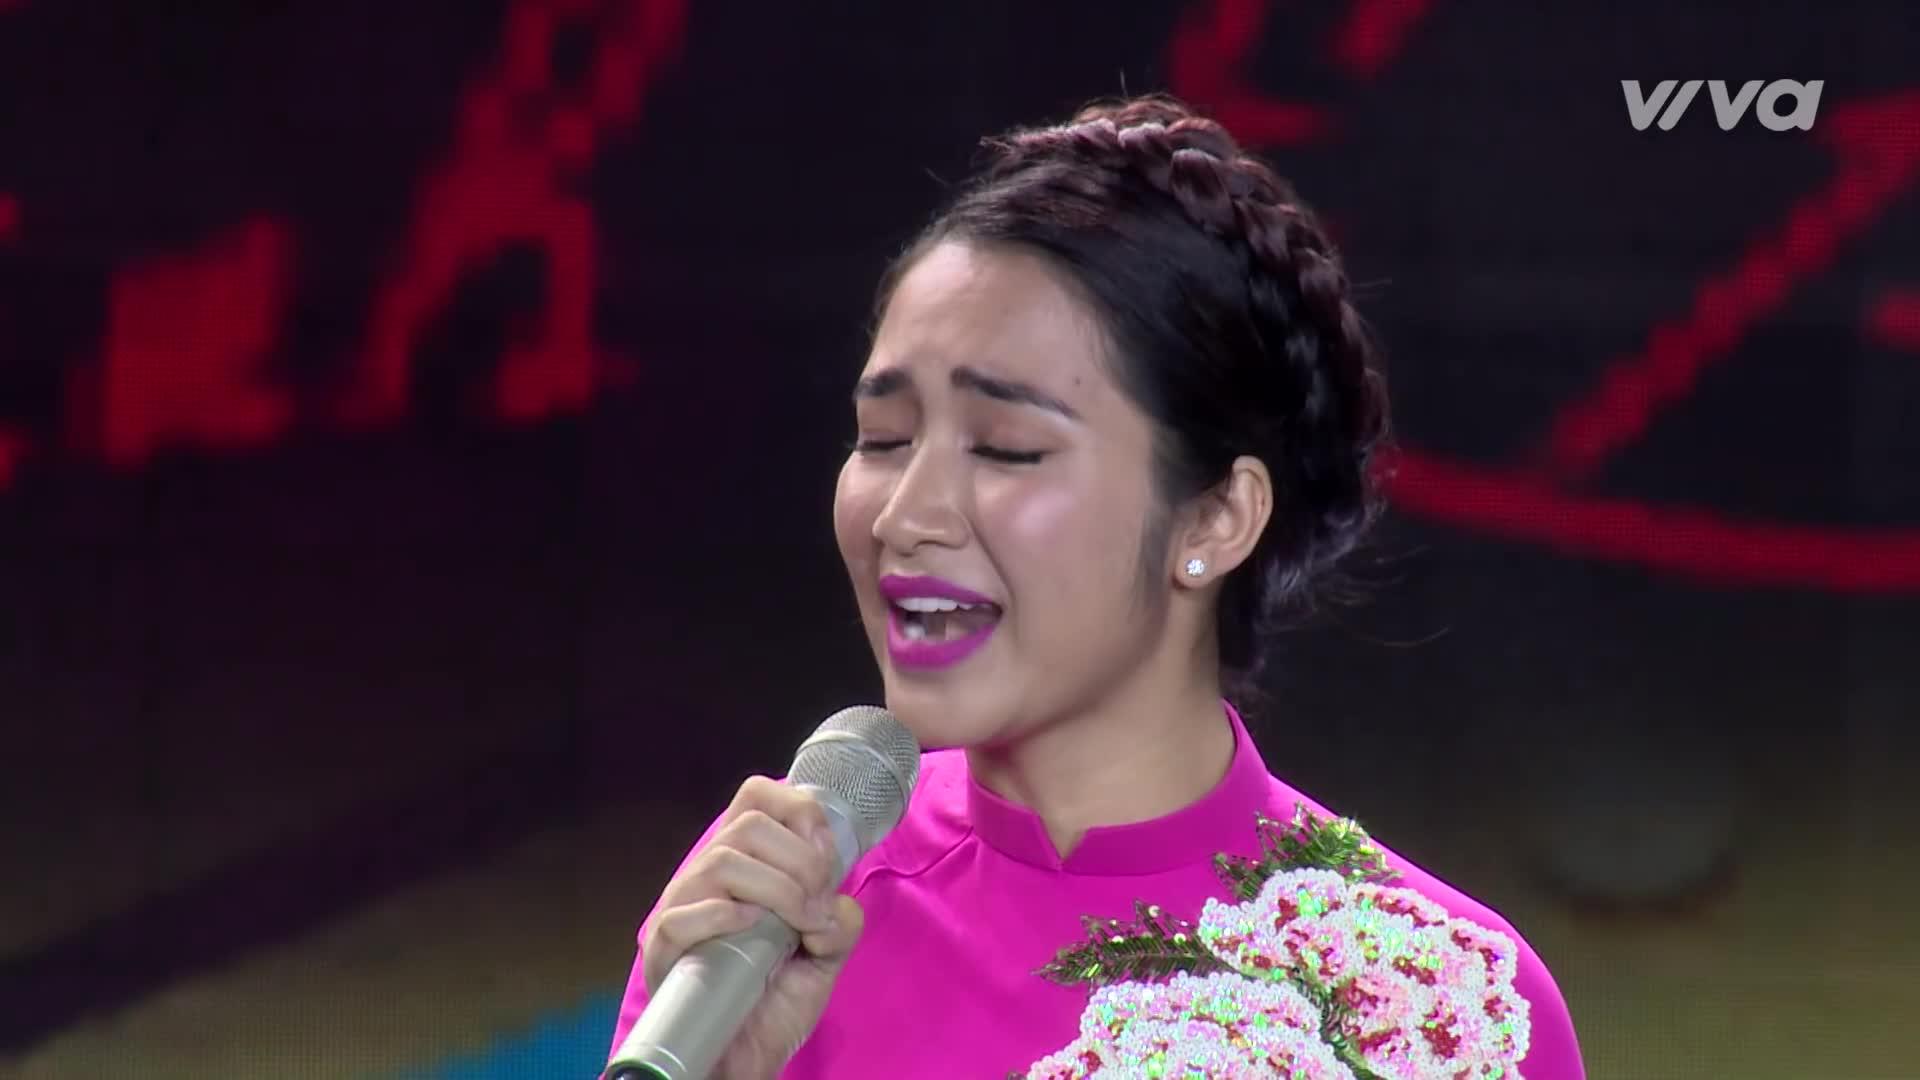 Đứt hơi với chèo Đào Liễu, Hòa Minzy gỡ điểm trổ tài hát cải lương siêu ngọt ngào